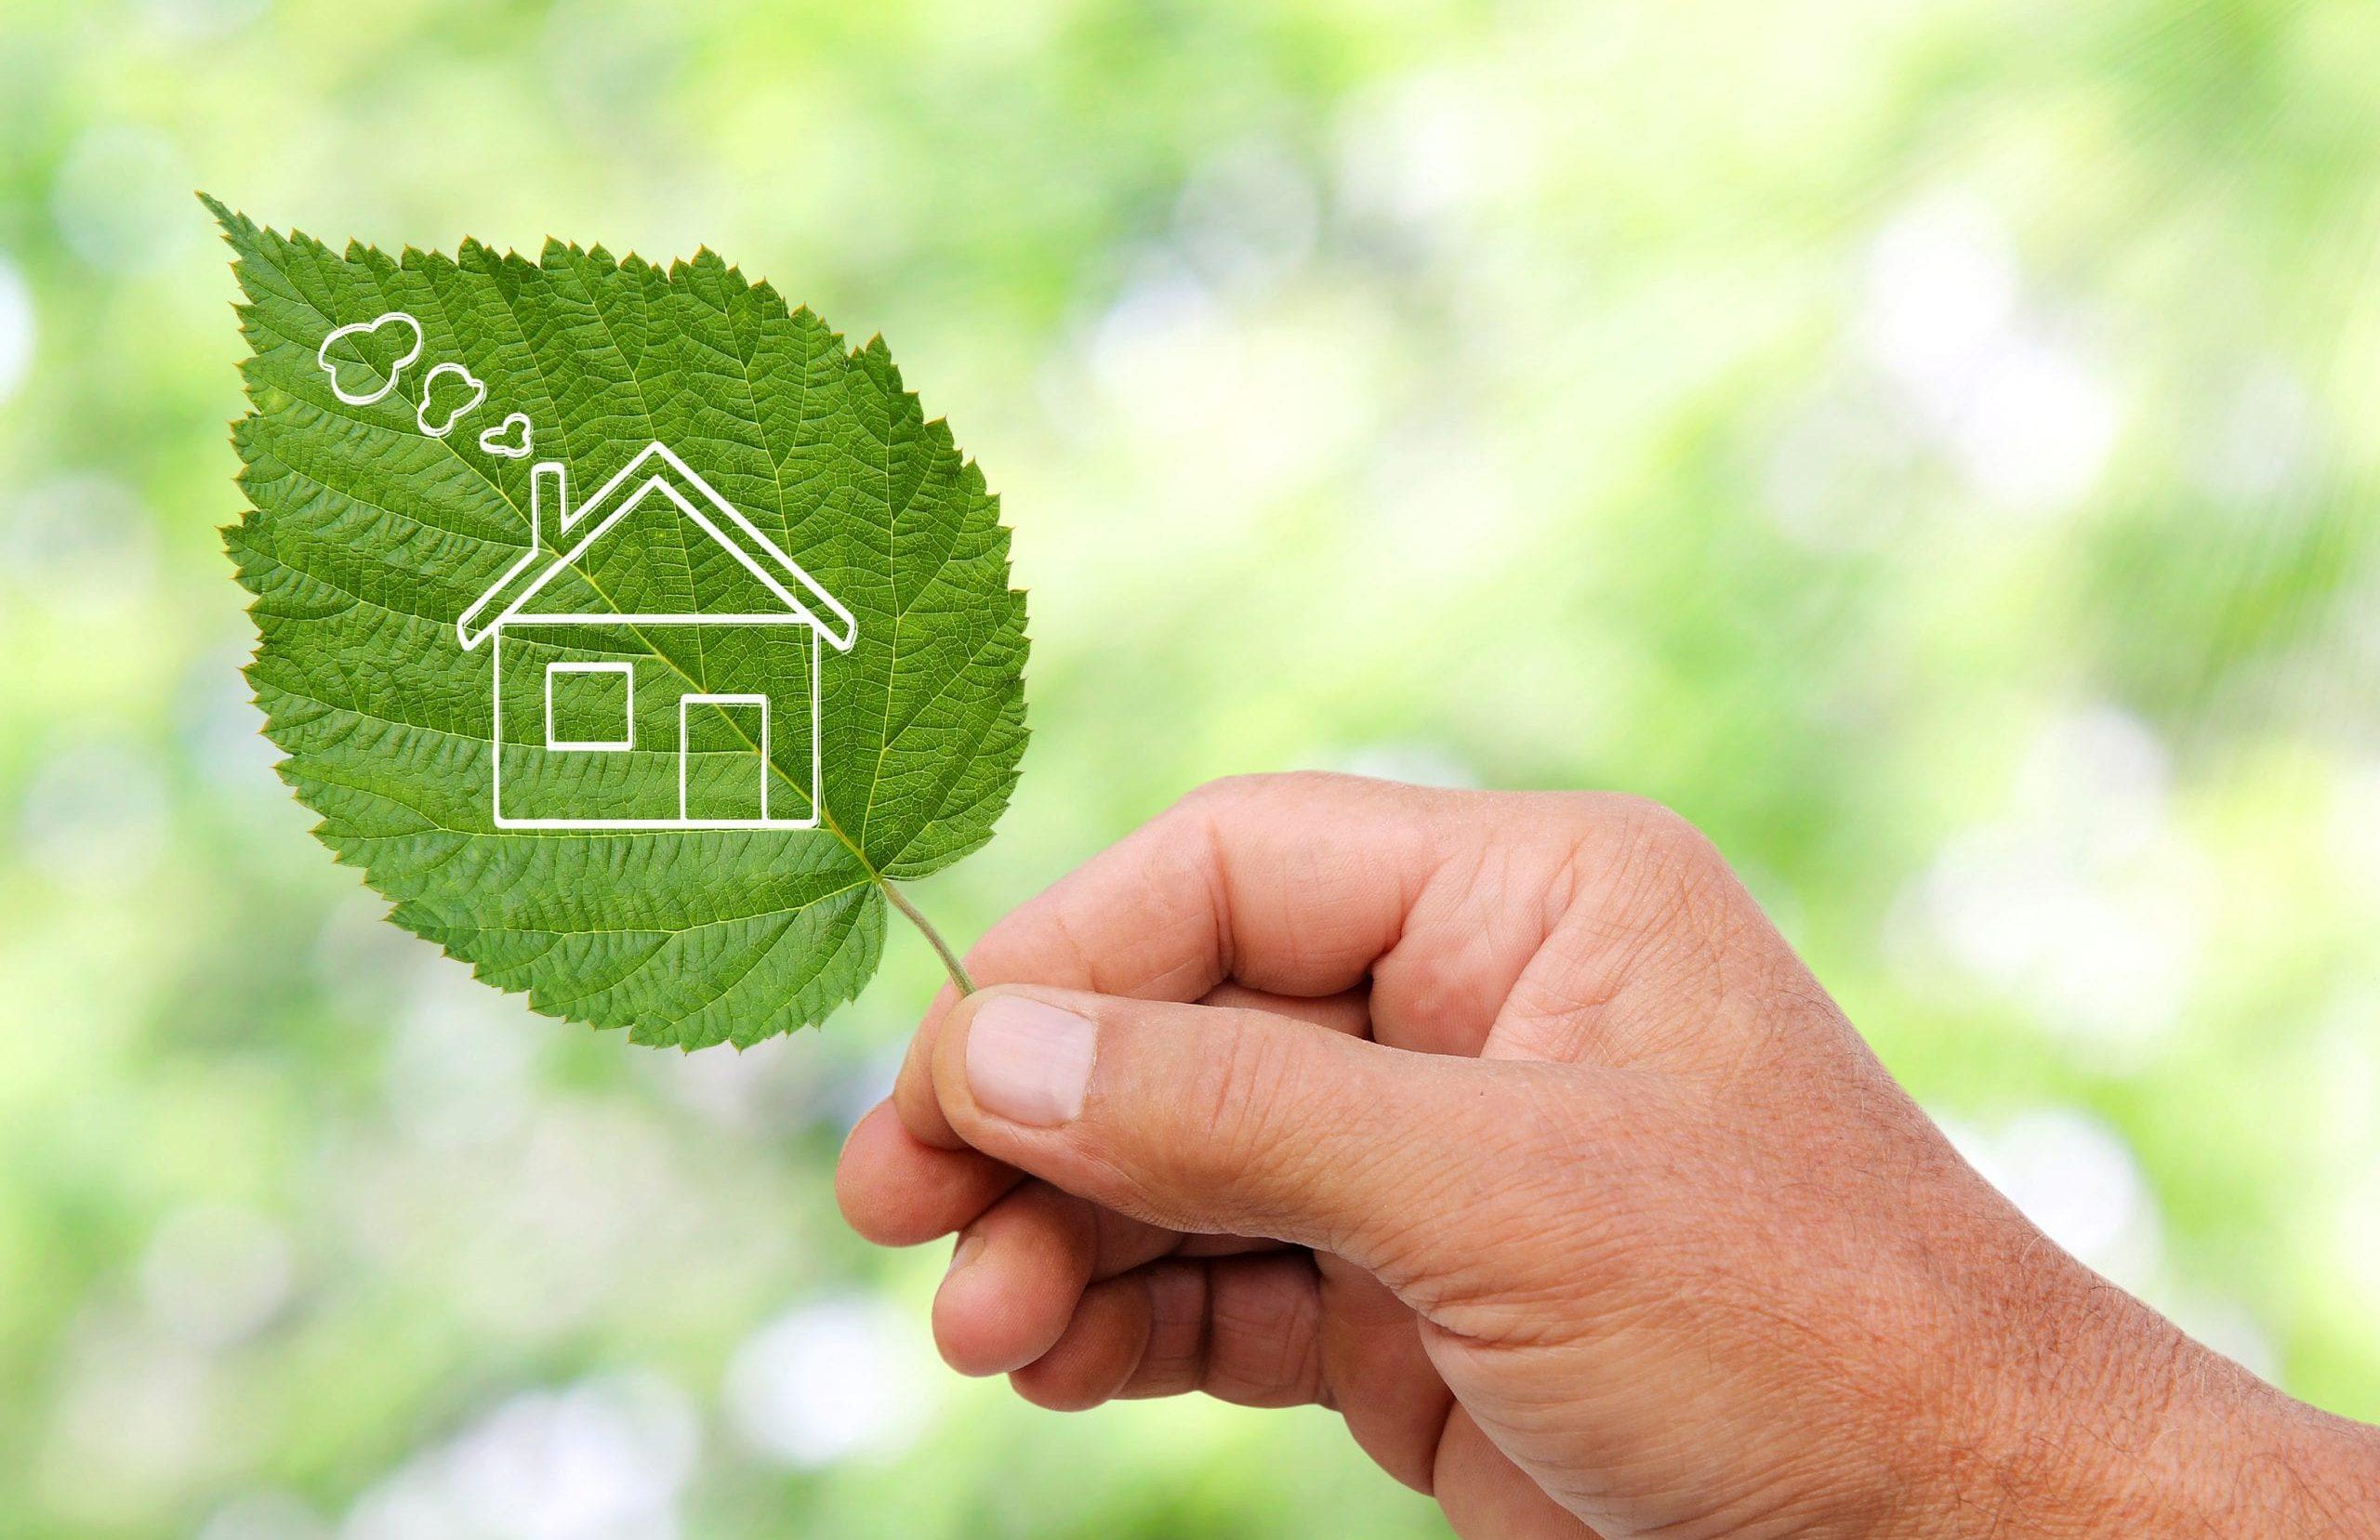 Eine Hand, die ein Blatt mit einem ausgeschnittenen Haus hält.